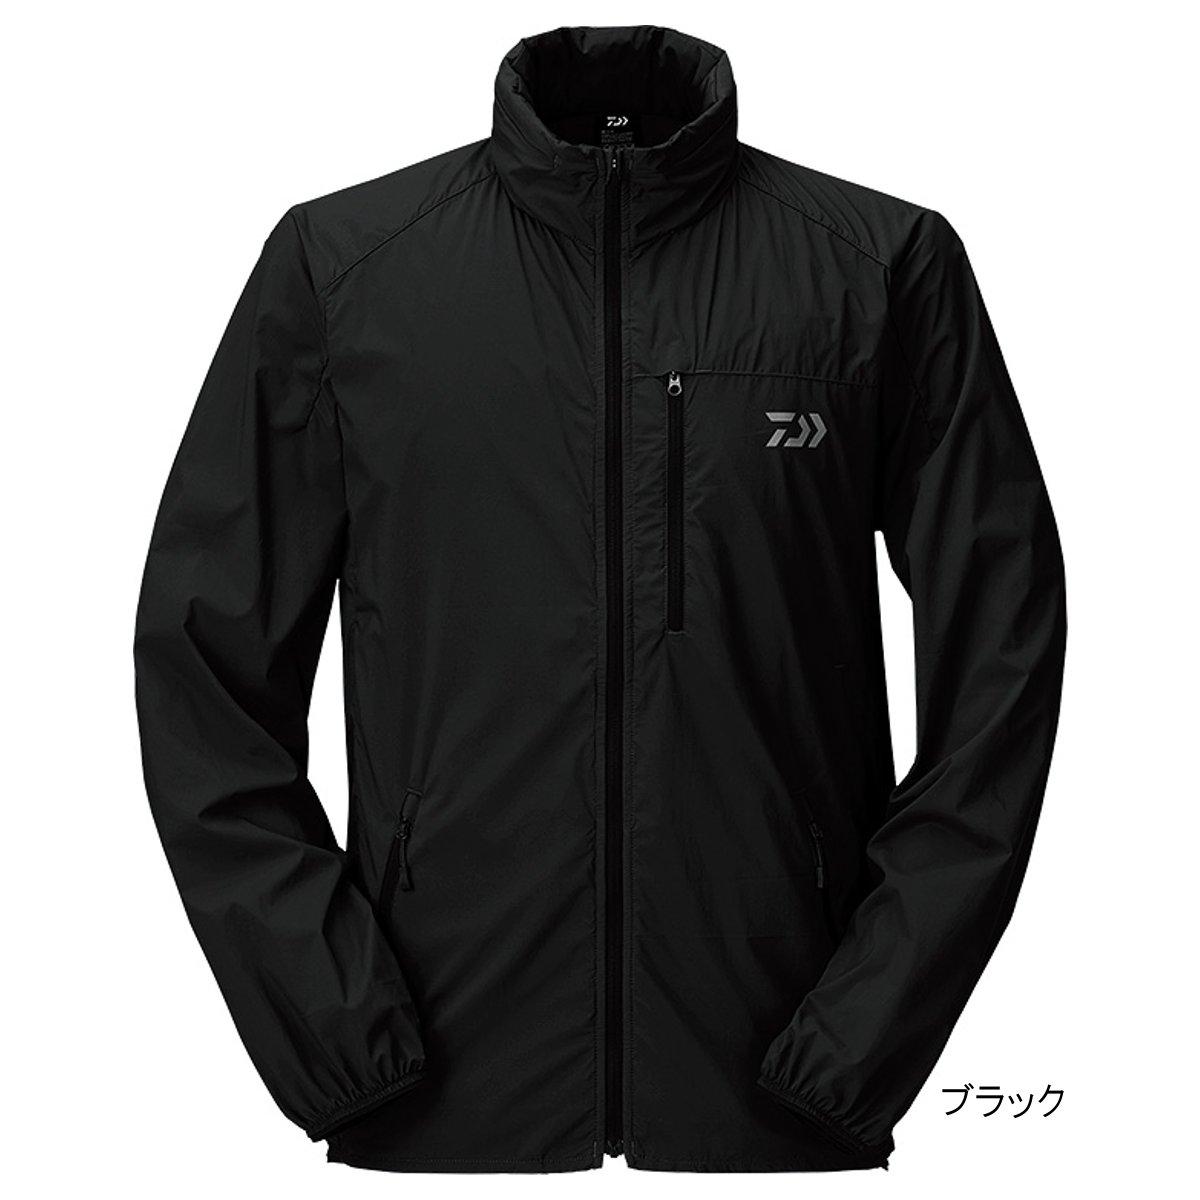 ダイワ ポケッタブルウィンドジャケット DJ-33009 XL ブラック【送料無料】